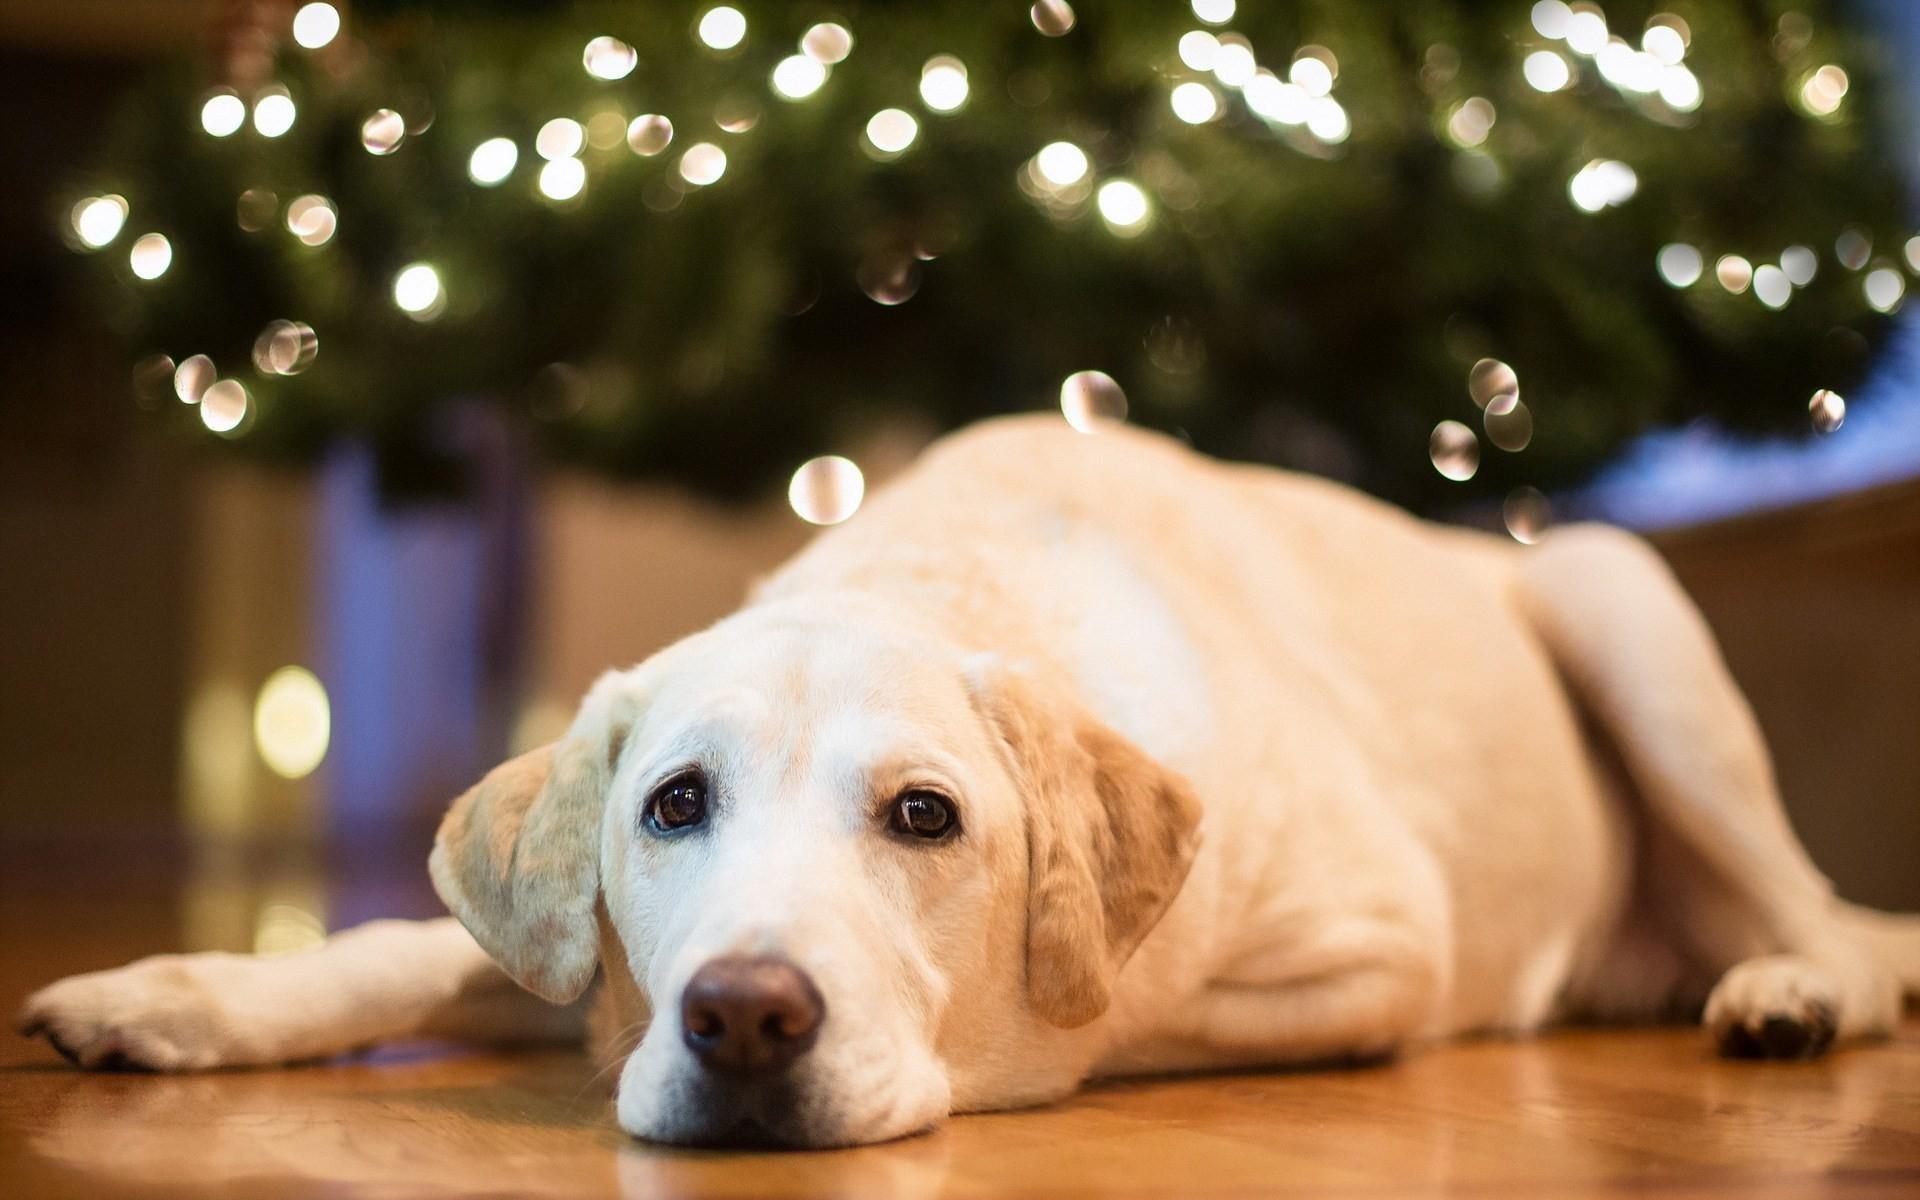 Wallpaper Face Lie Labrador Retriever Puppy Vertebrate Dog